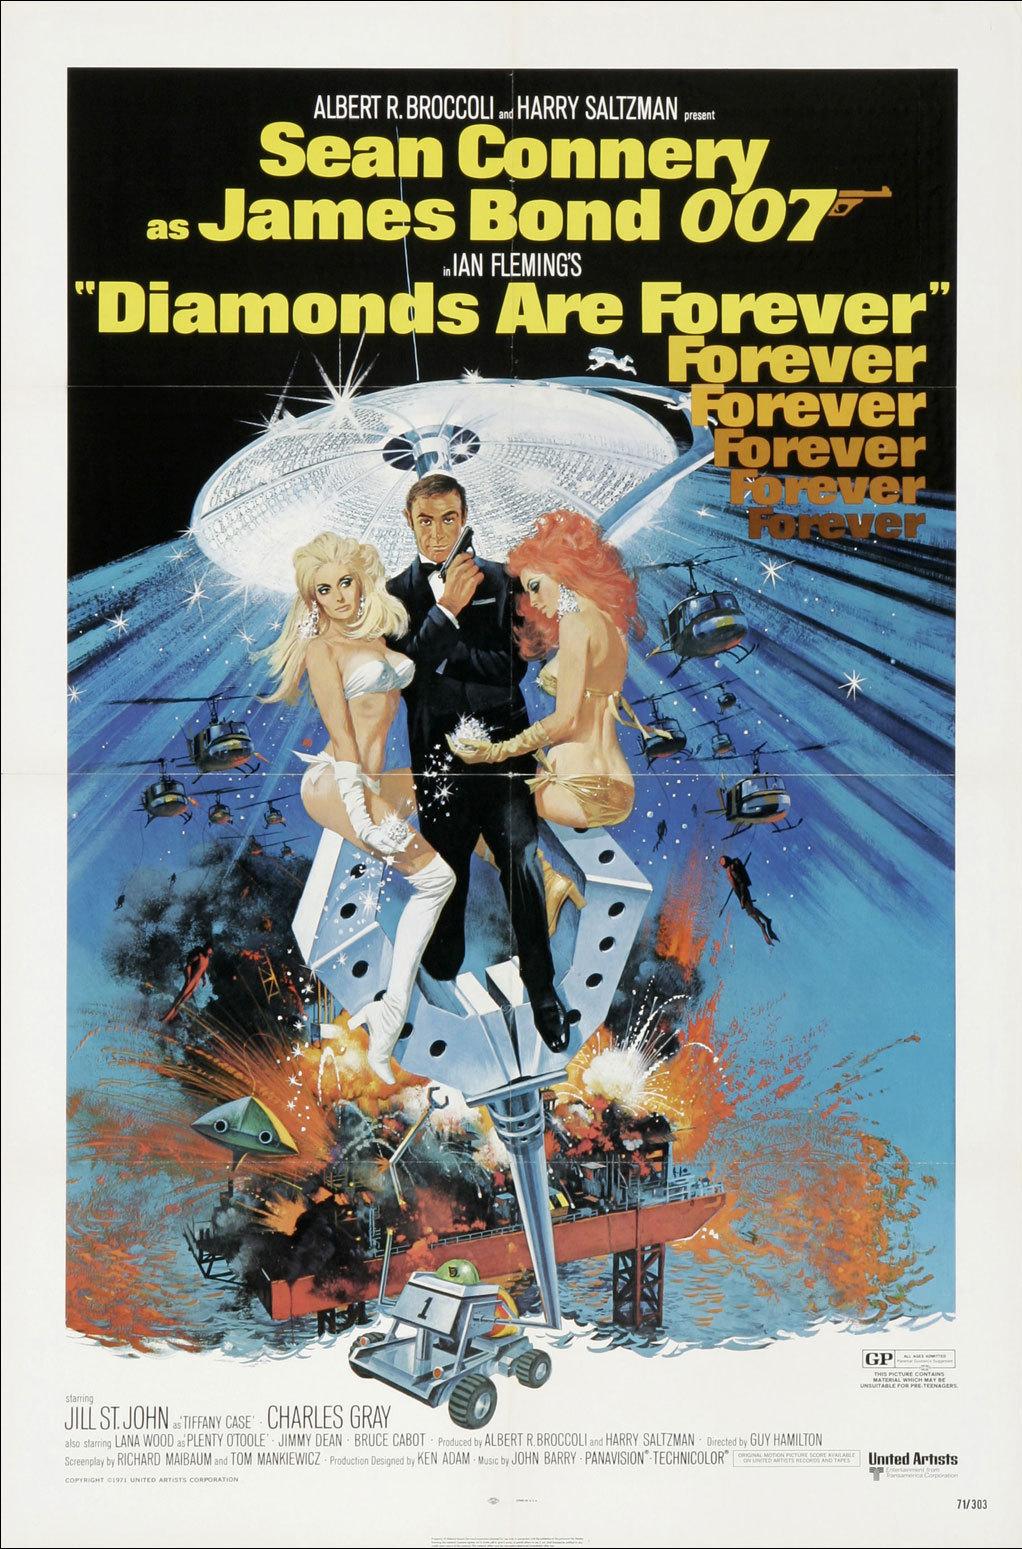 http://static.tvtropes.org/pmwiki/pub/images/diamonds_are_forever_poster.jpg